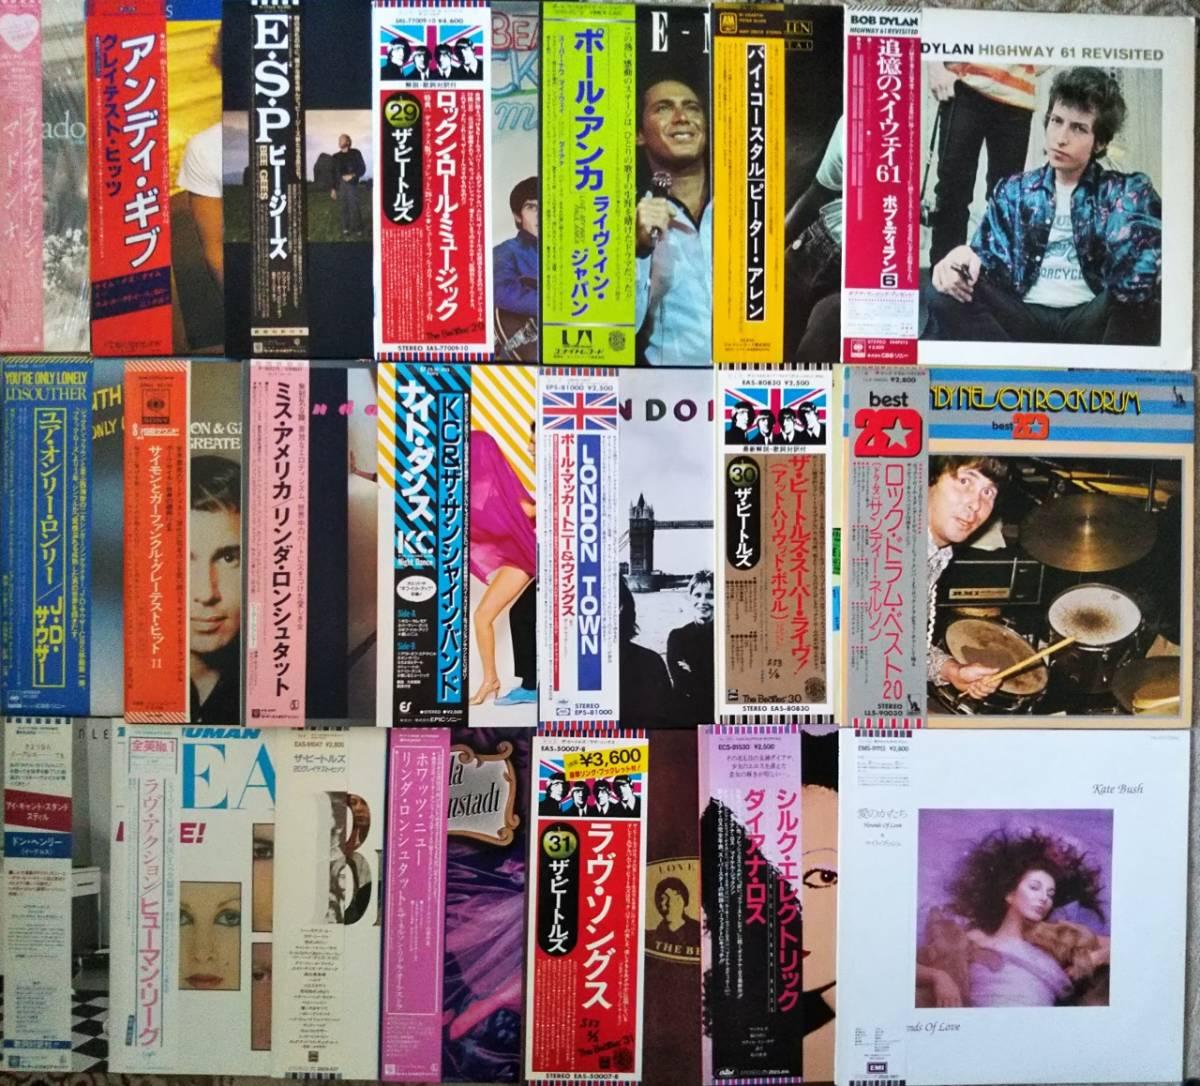 洋楽 LP45枚セット BEATLES ビートルズ、ロック、AOR、リンダ・ロンシュタット、ABBA、ボブ・ディラン、SOUL、FUSION、ビージーズなど